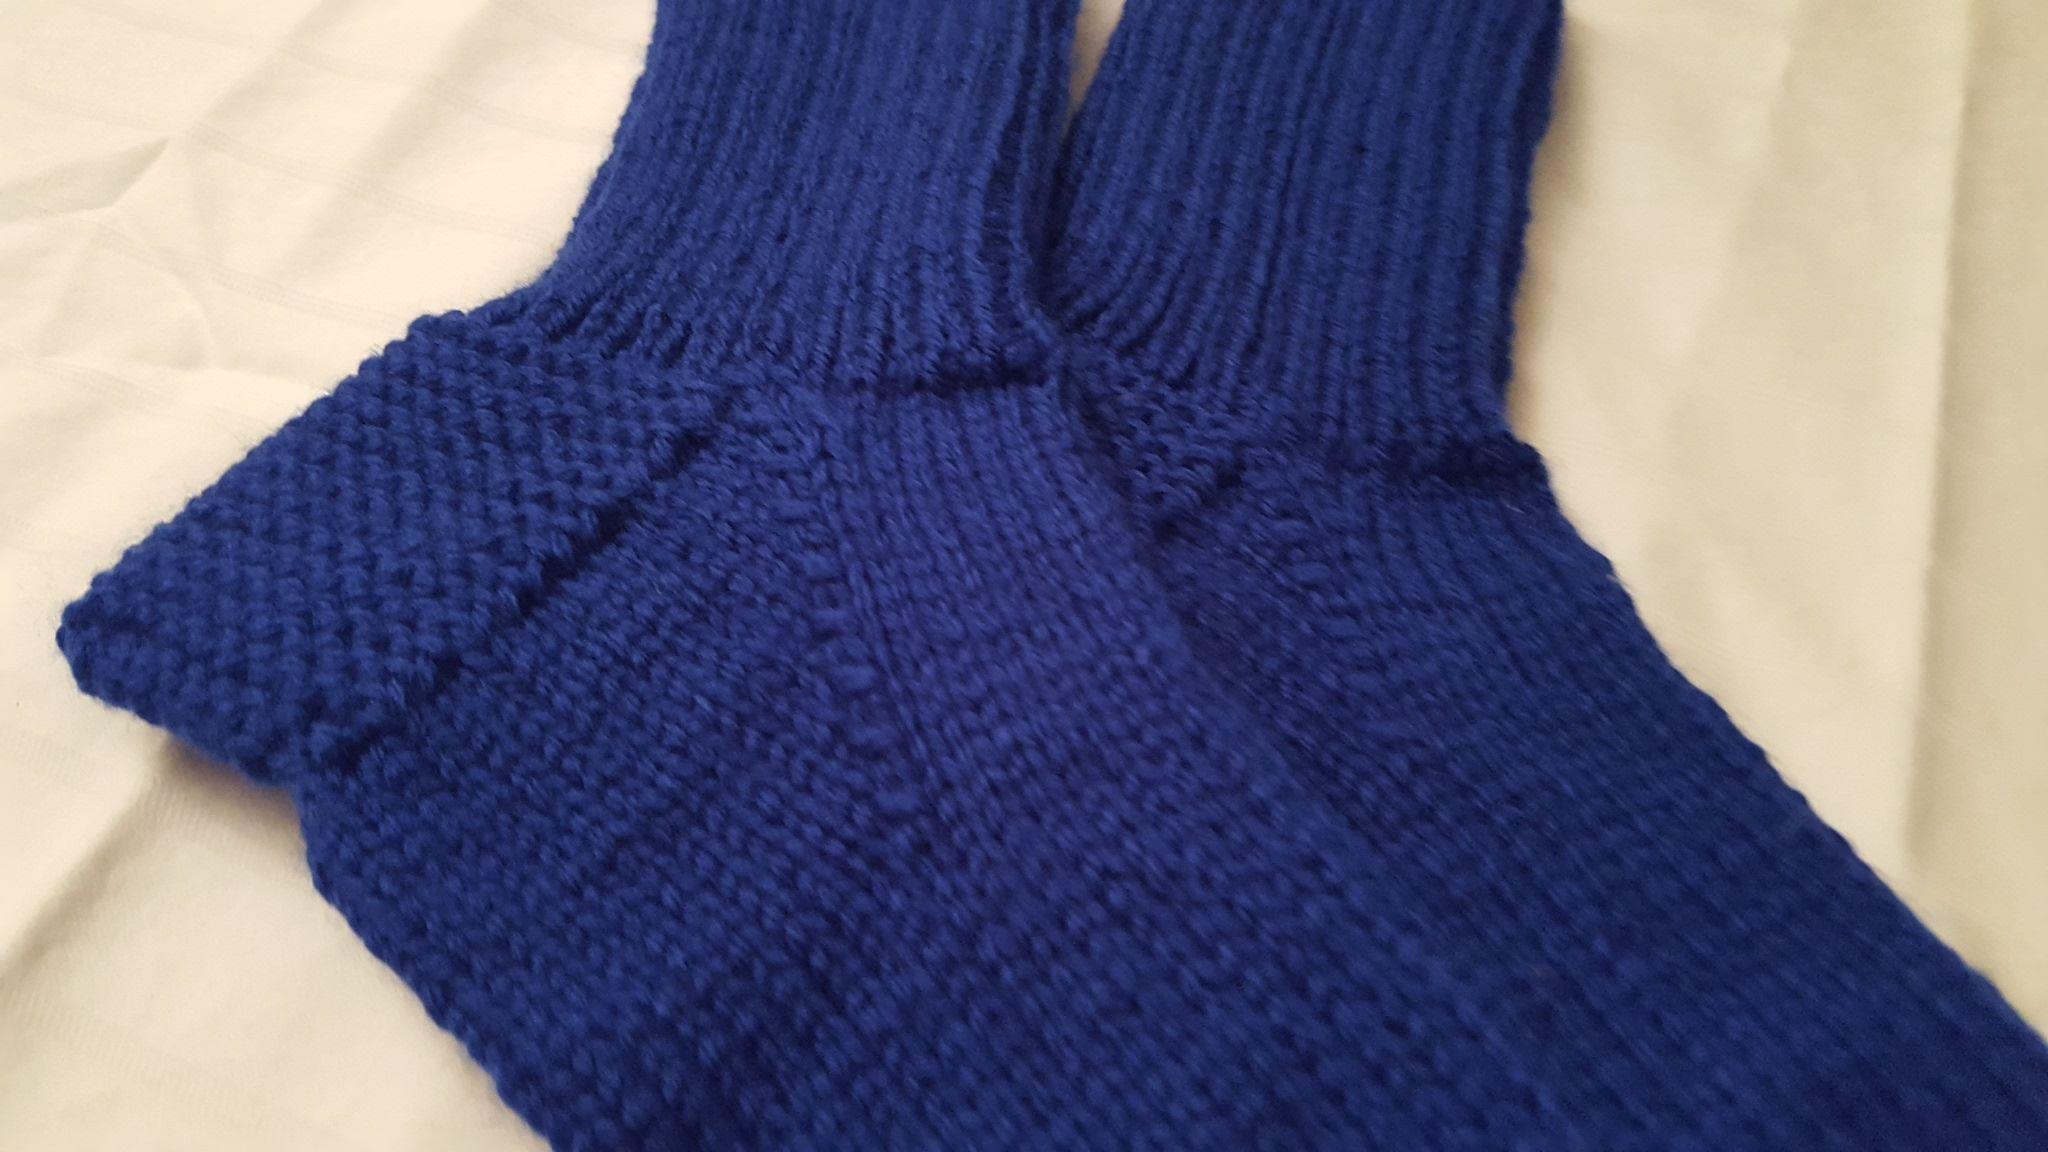 INDIGO Norwegian knitting technique, hand knitted socks